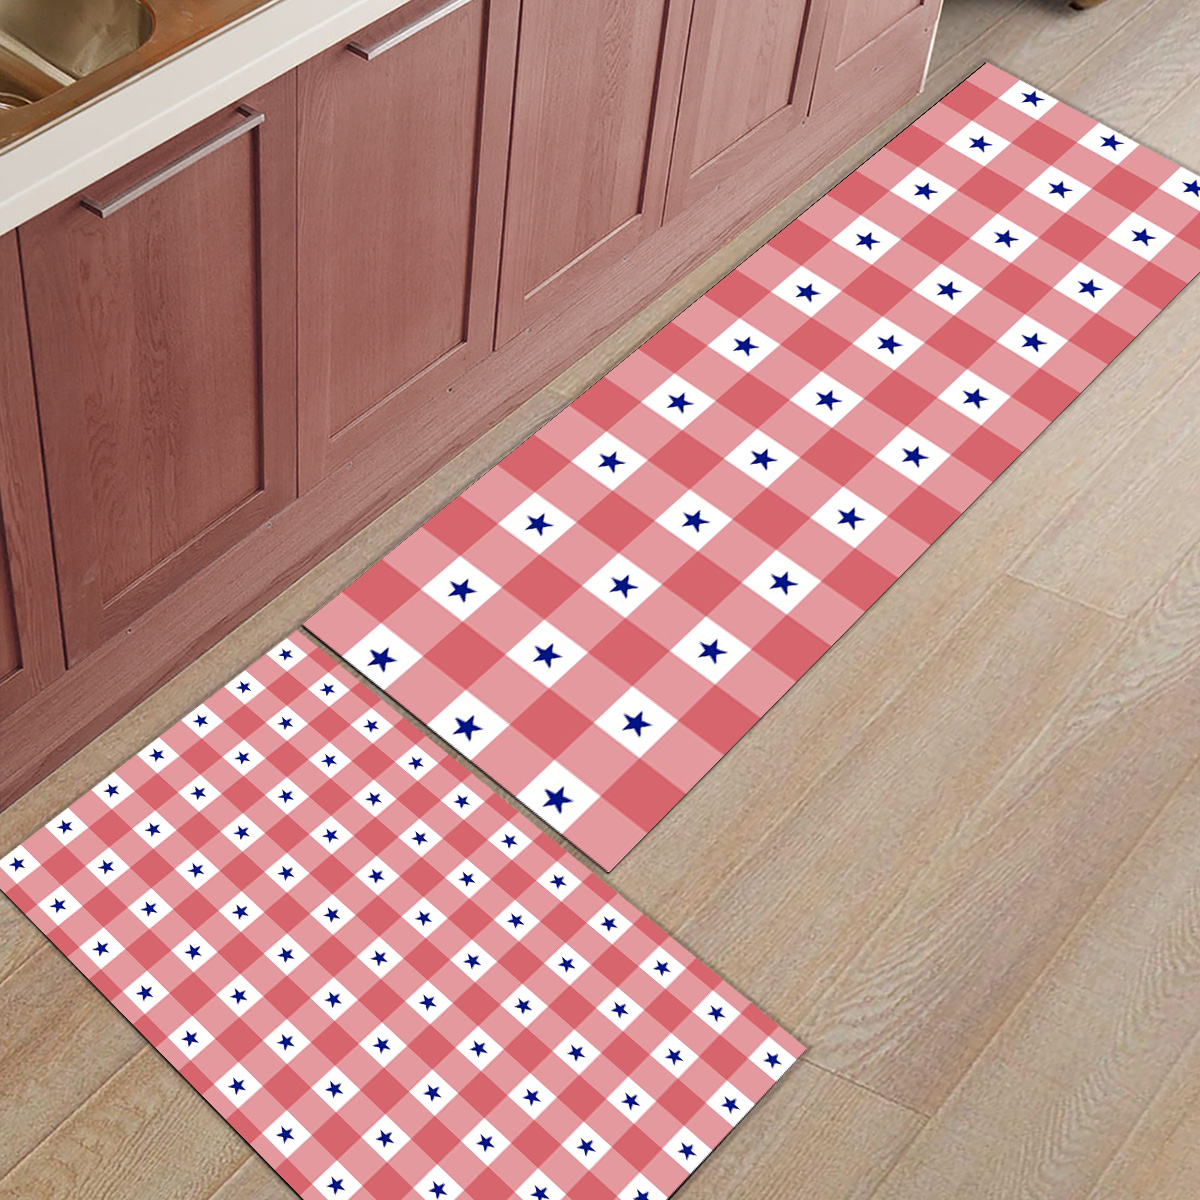 Nordique joyeux noël rouge et blanc Plaid 2 pièces tapis de cuisine paillassons pour entrée manière salle de bains accessoires Set saleté débris